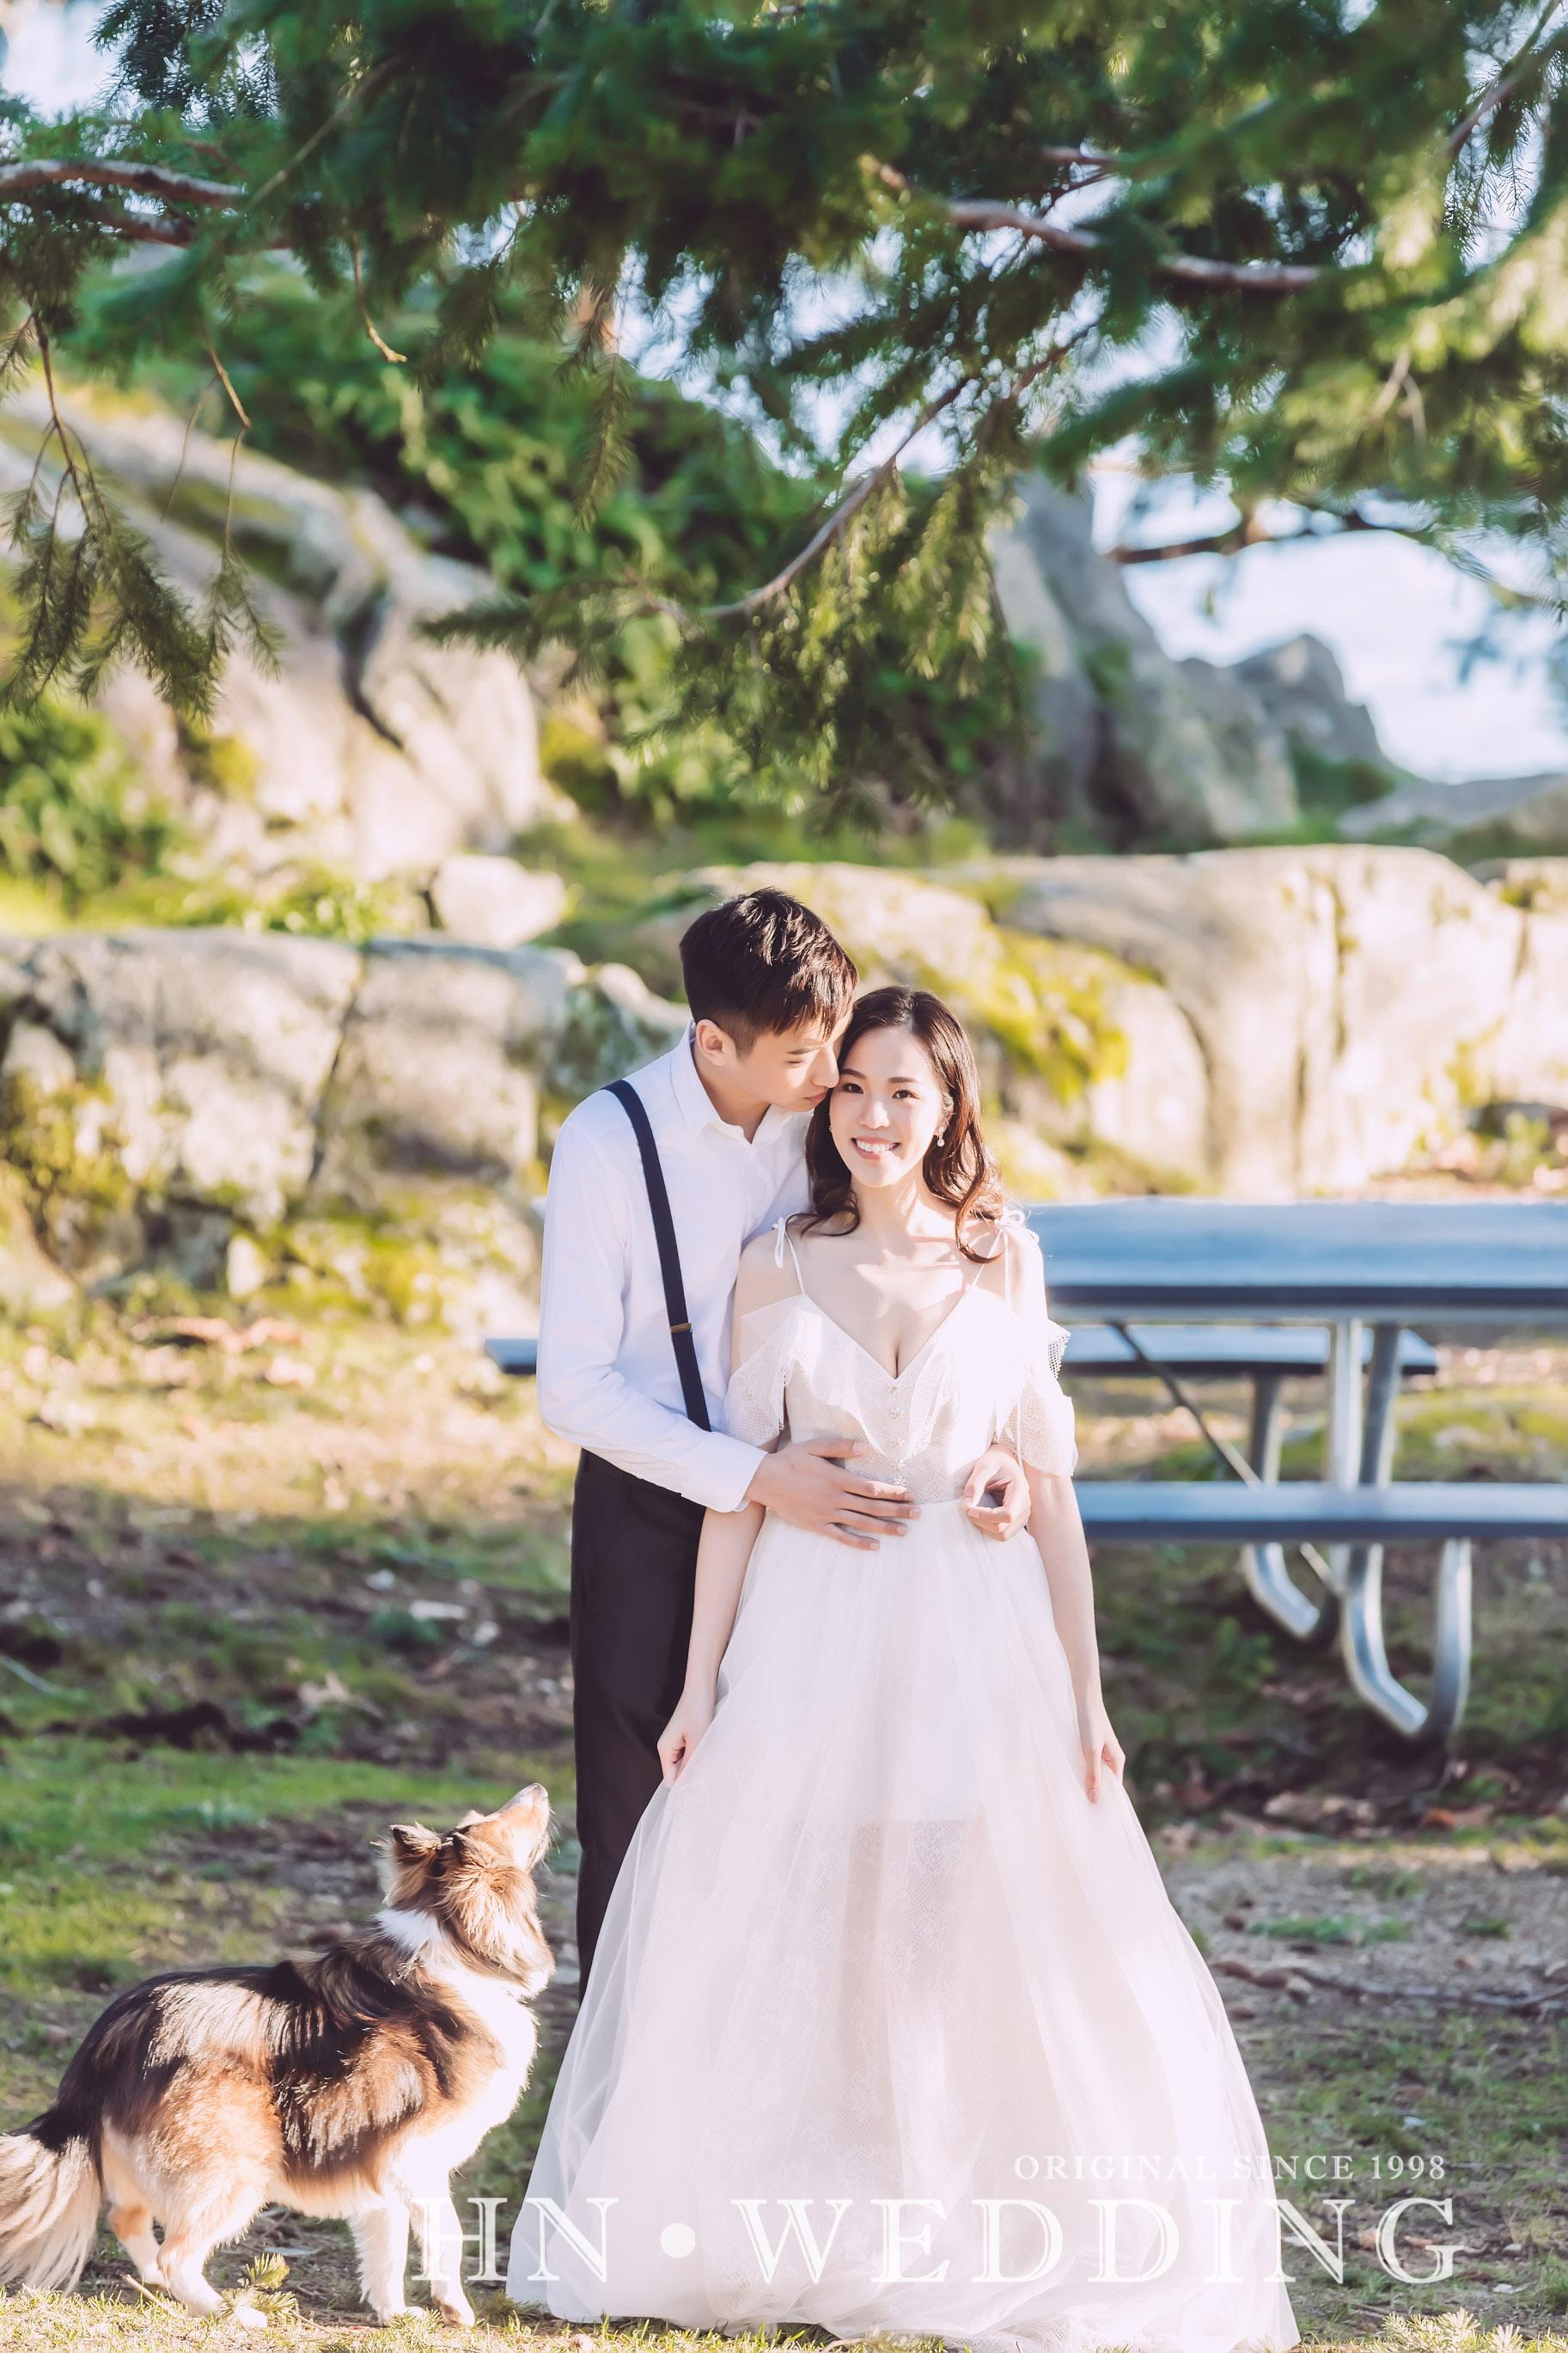 hnweddingprewedding20190220-45.jpg